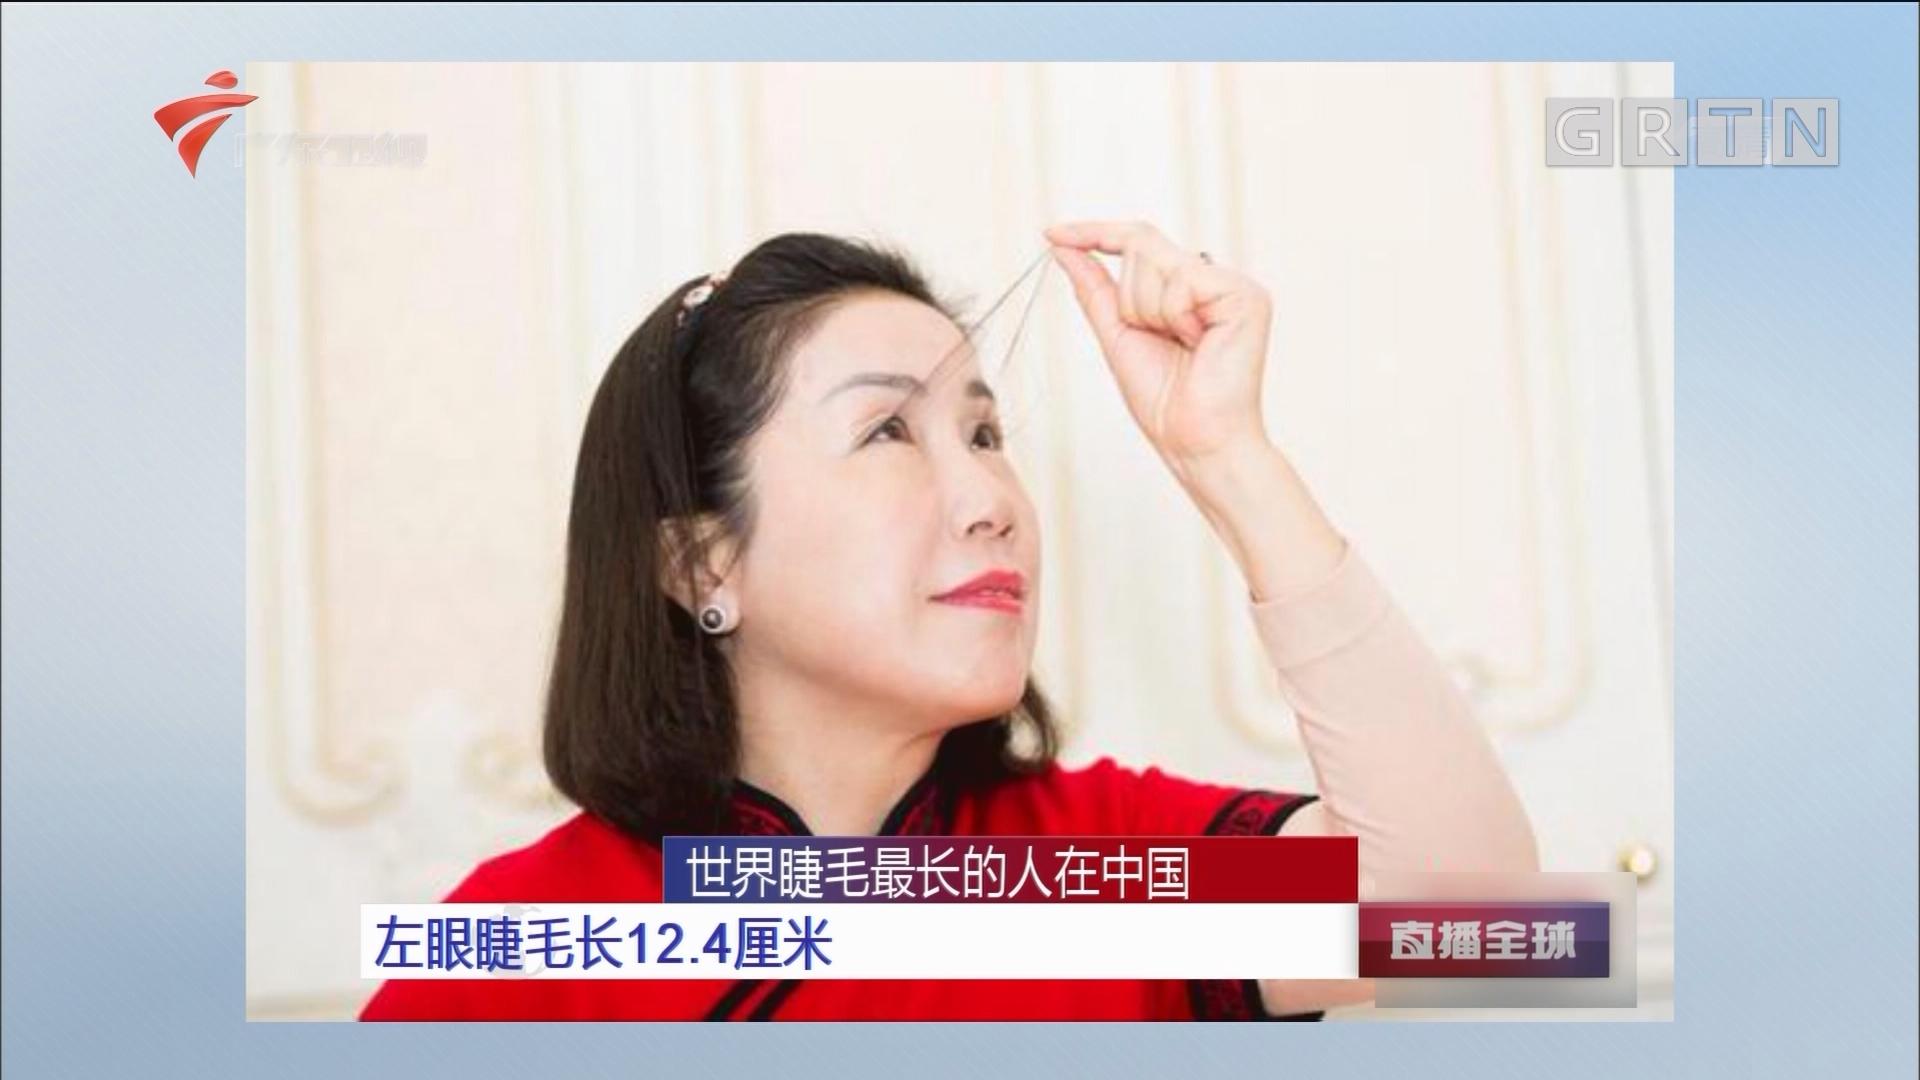 世界睫毛最长的人在中国 左眼睫毛长12.4厘米